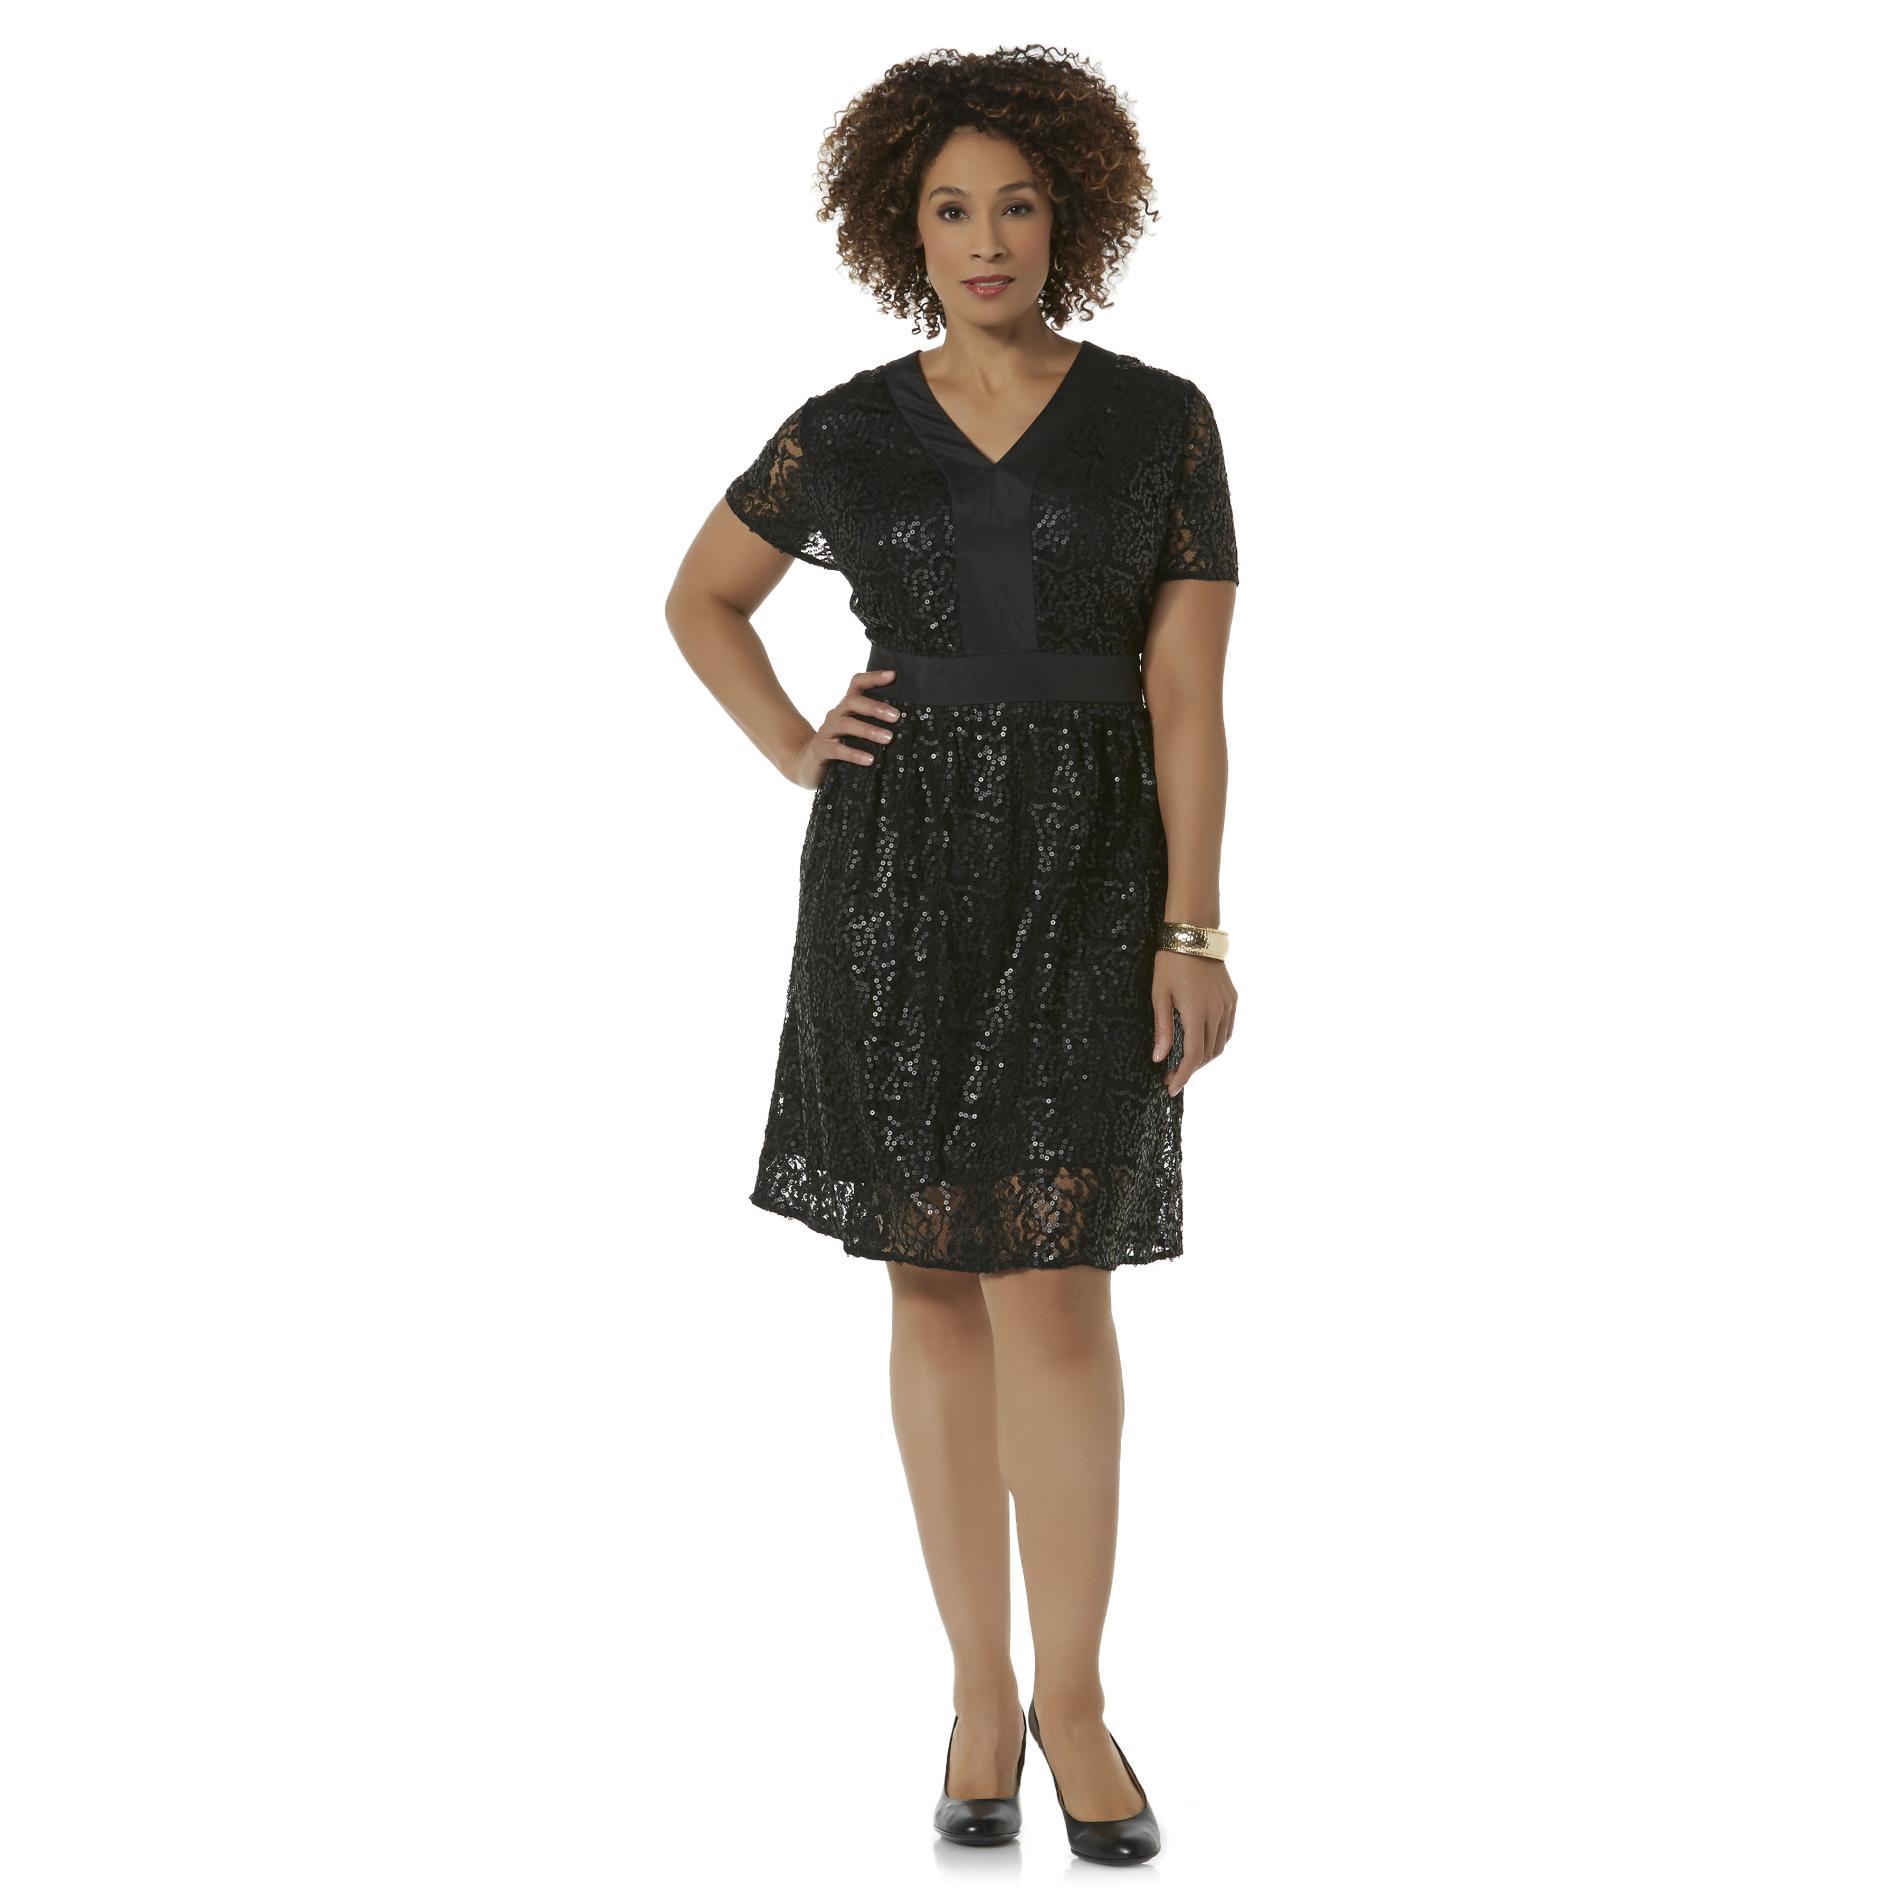 Women39s Plus Sequin Lace Dress Shop Great Dresses at Sears